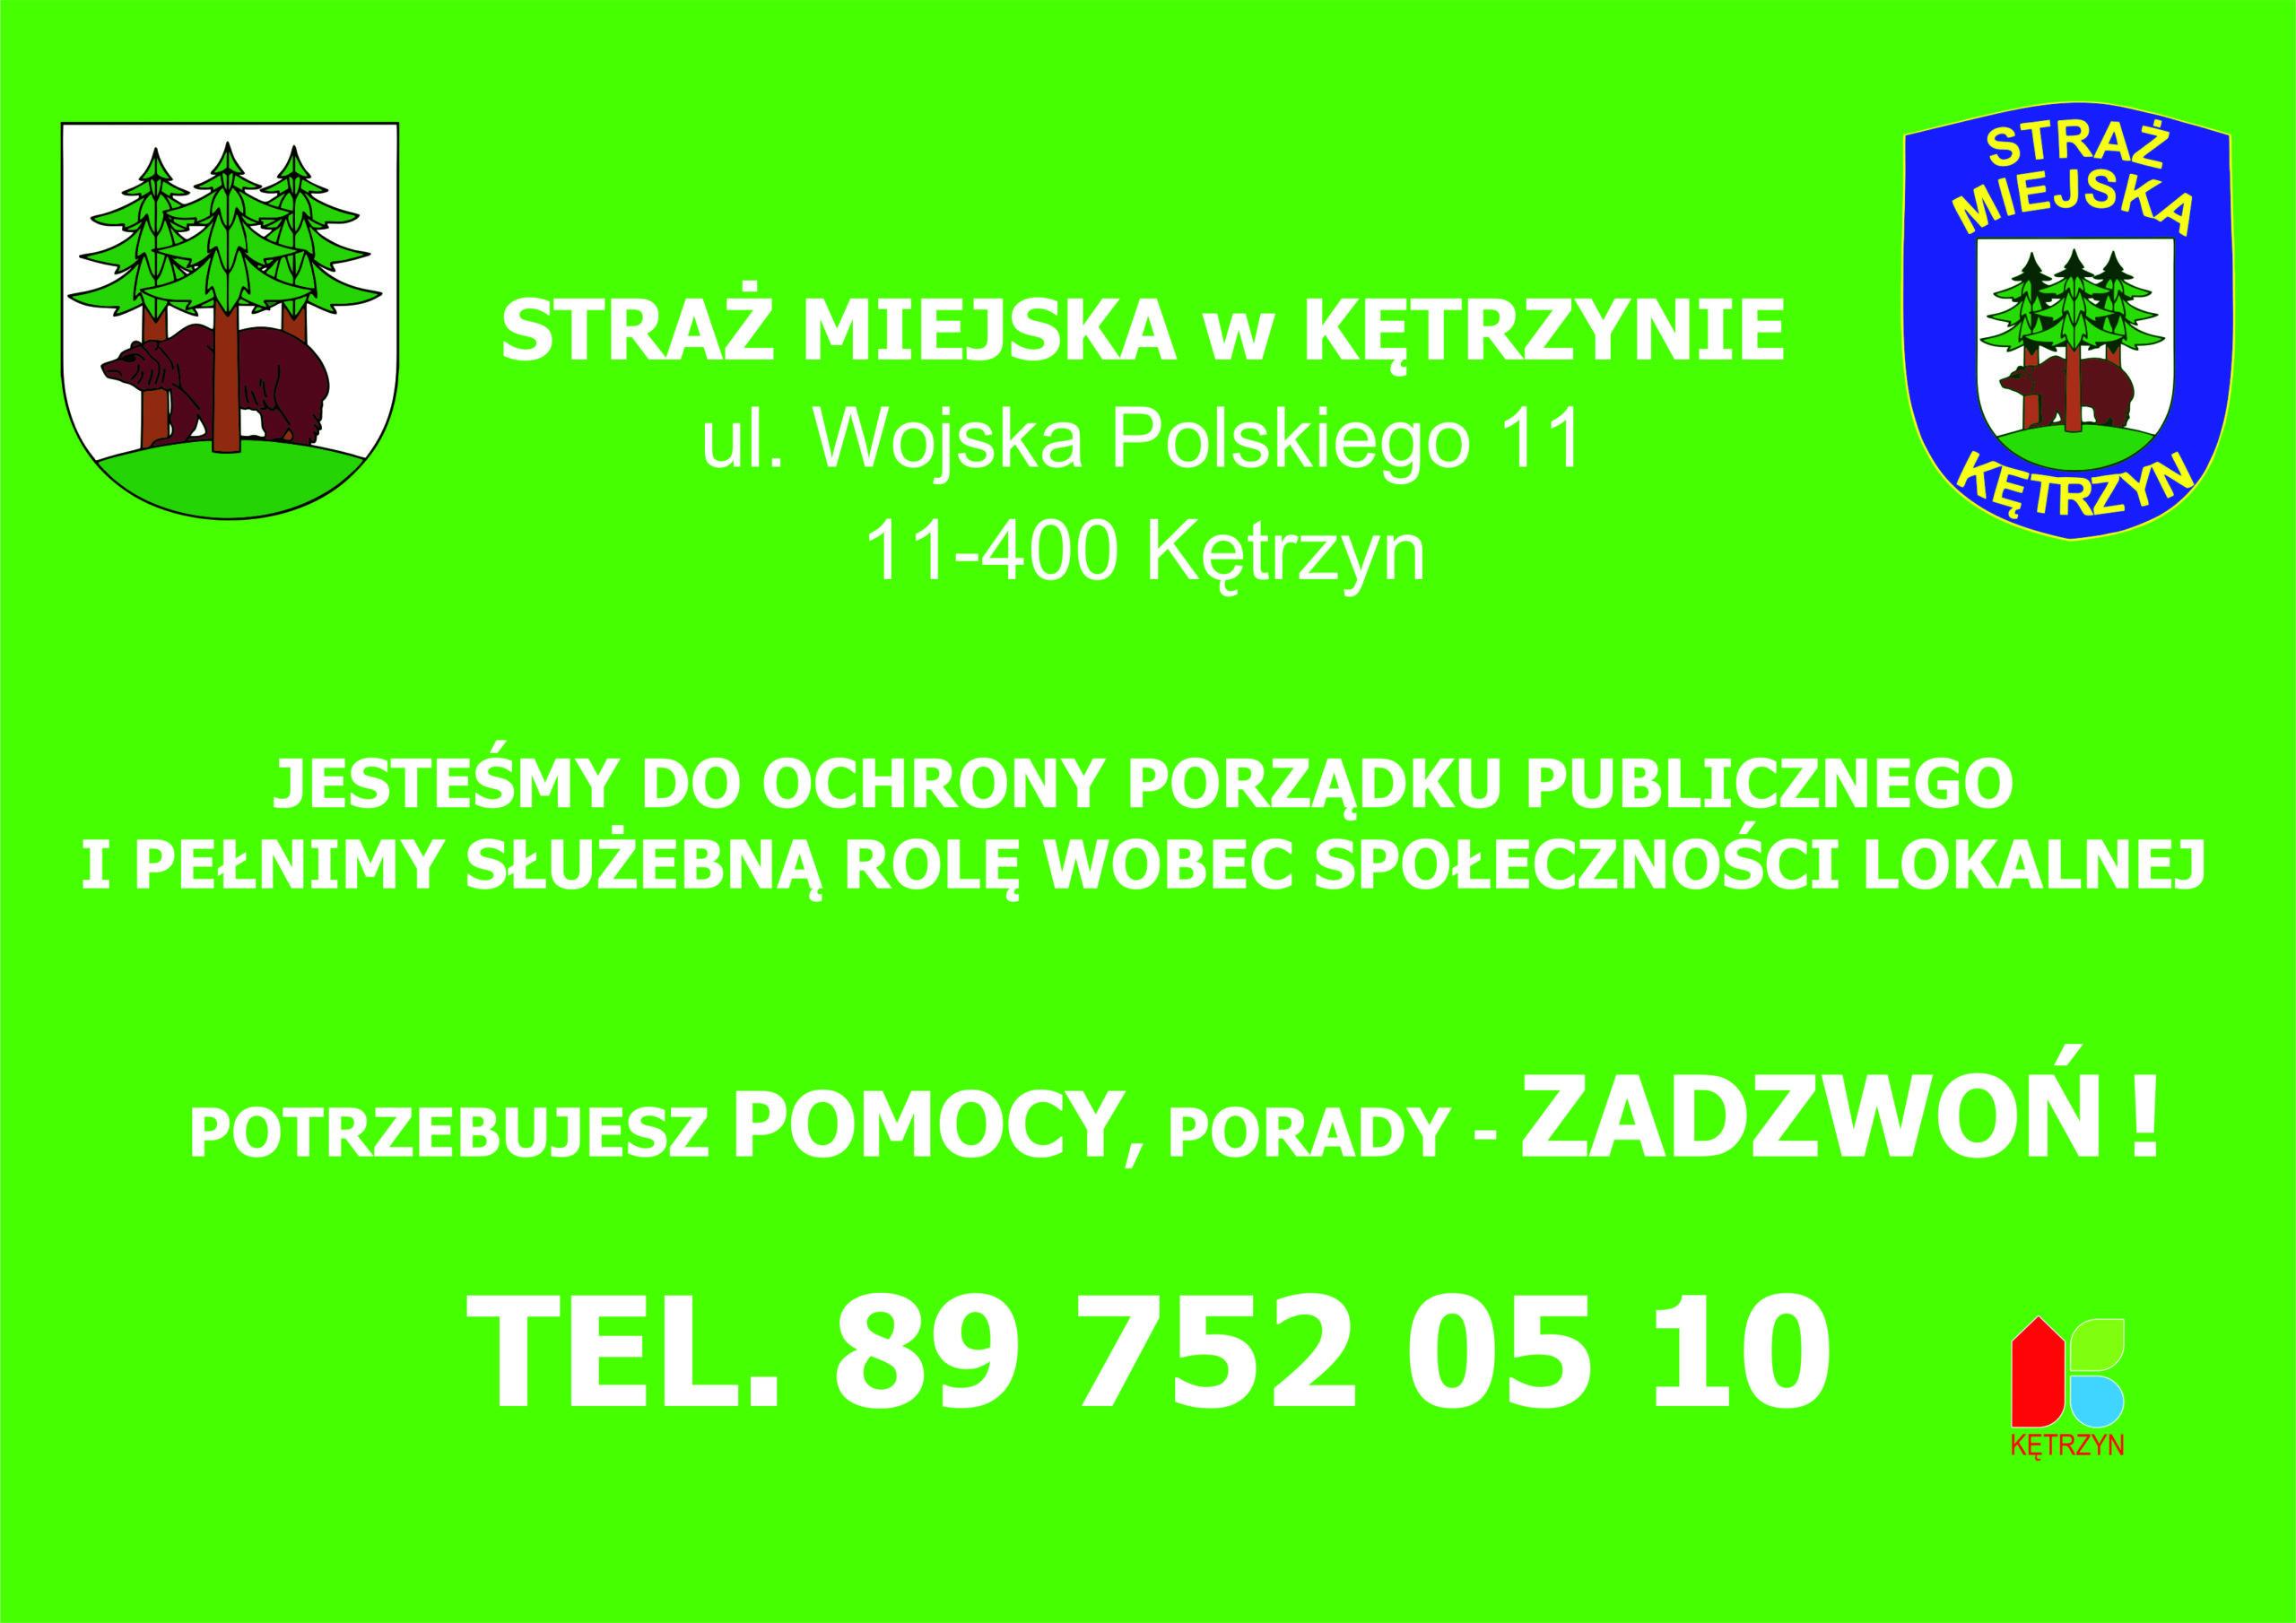 Grafika na zielonym tle umieszczono komunikat o treści: STRAŻ MIEJSKA w KĘTRZYNIE ul. Wojska Polskiego 11 11-400 Kętrzyn, JESTEŚMY DO OCHRONY PORZĄDKU PUBLICZNEGO I PEŁNIMY SŁUŻEBNĄ ROLĘ WOBEC SPOŁECZNOŚCI LOKALNEJ, POTRZEBUJESZ POMOCY, PORADY - ZADZWOŃ ! TEL. 89 752 05 10. Na grafice znajduje się herb Miasta Kętrzyn, emblemat Straży Miejskiej w Kętrzynie oraz logo Miasta Kętrzyn.